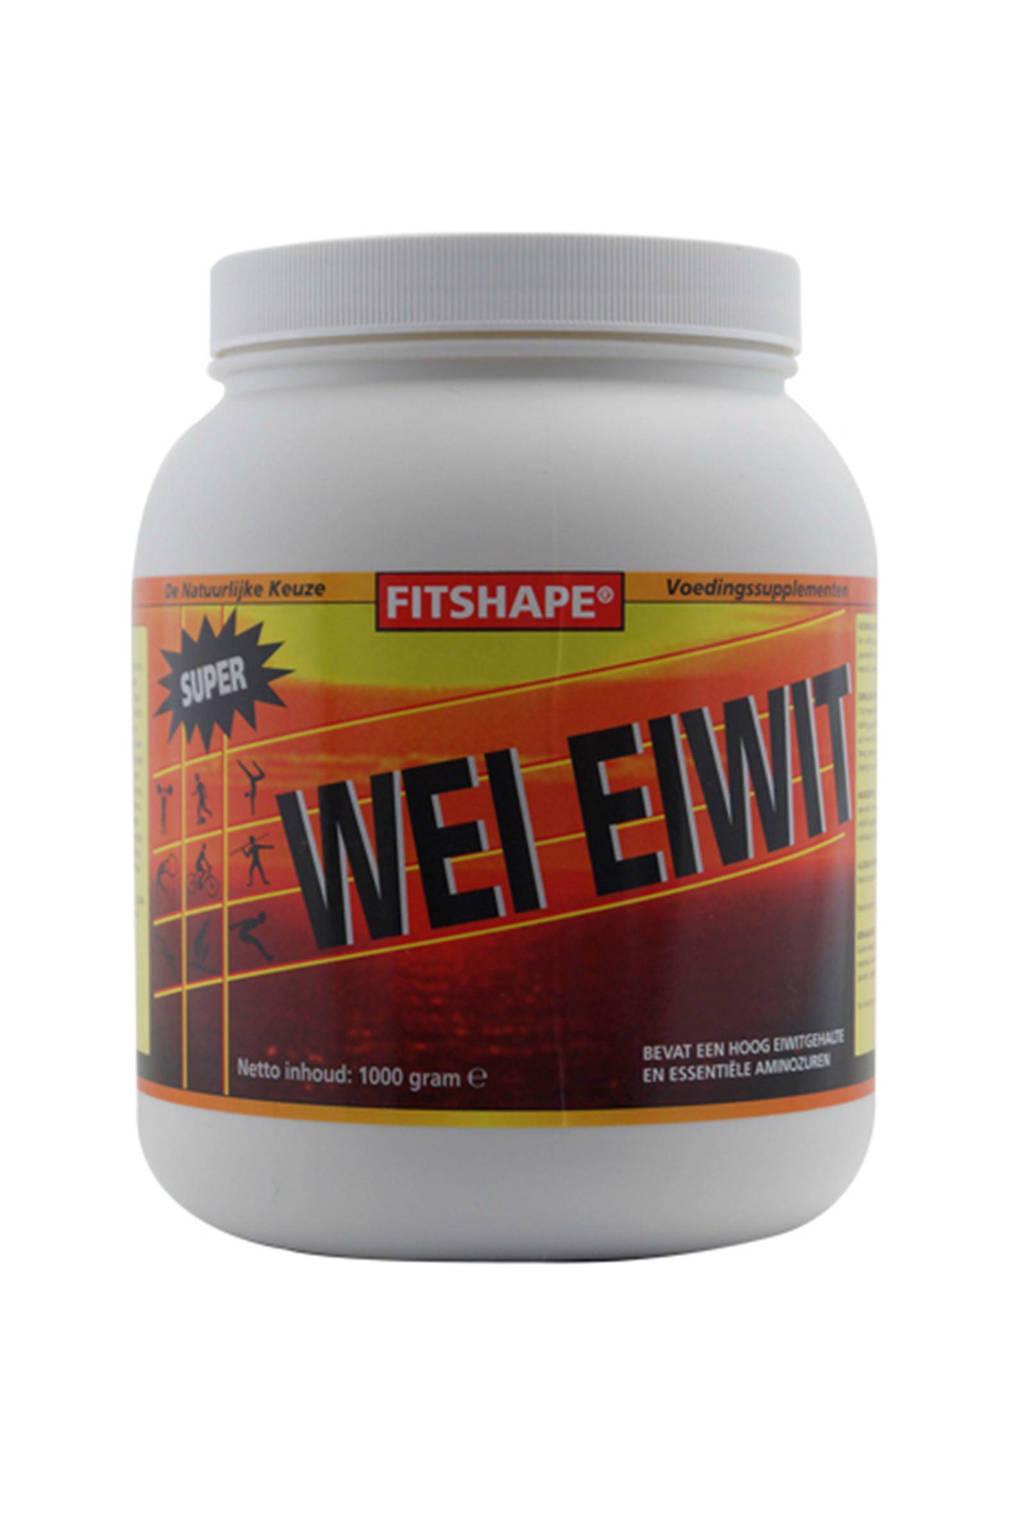 Fitshape Wei Eiwit eiwitshake -  Aardbei -  1000 gram - sportvoeding